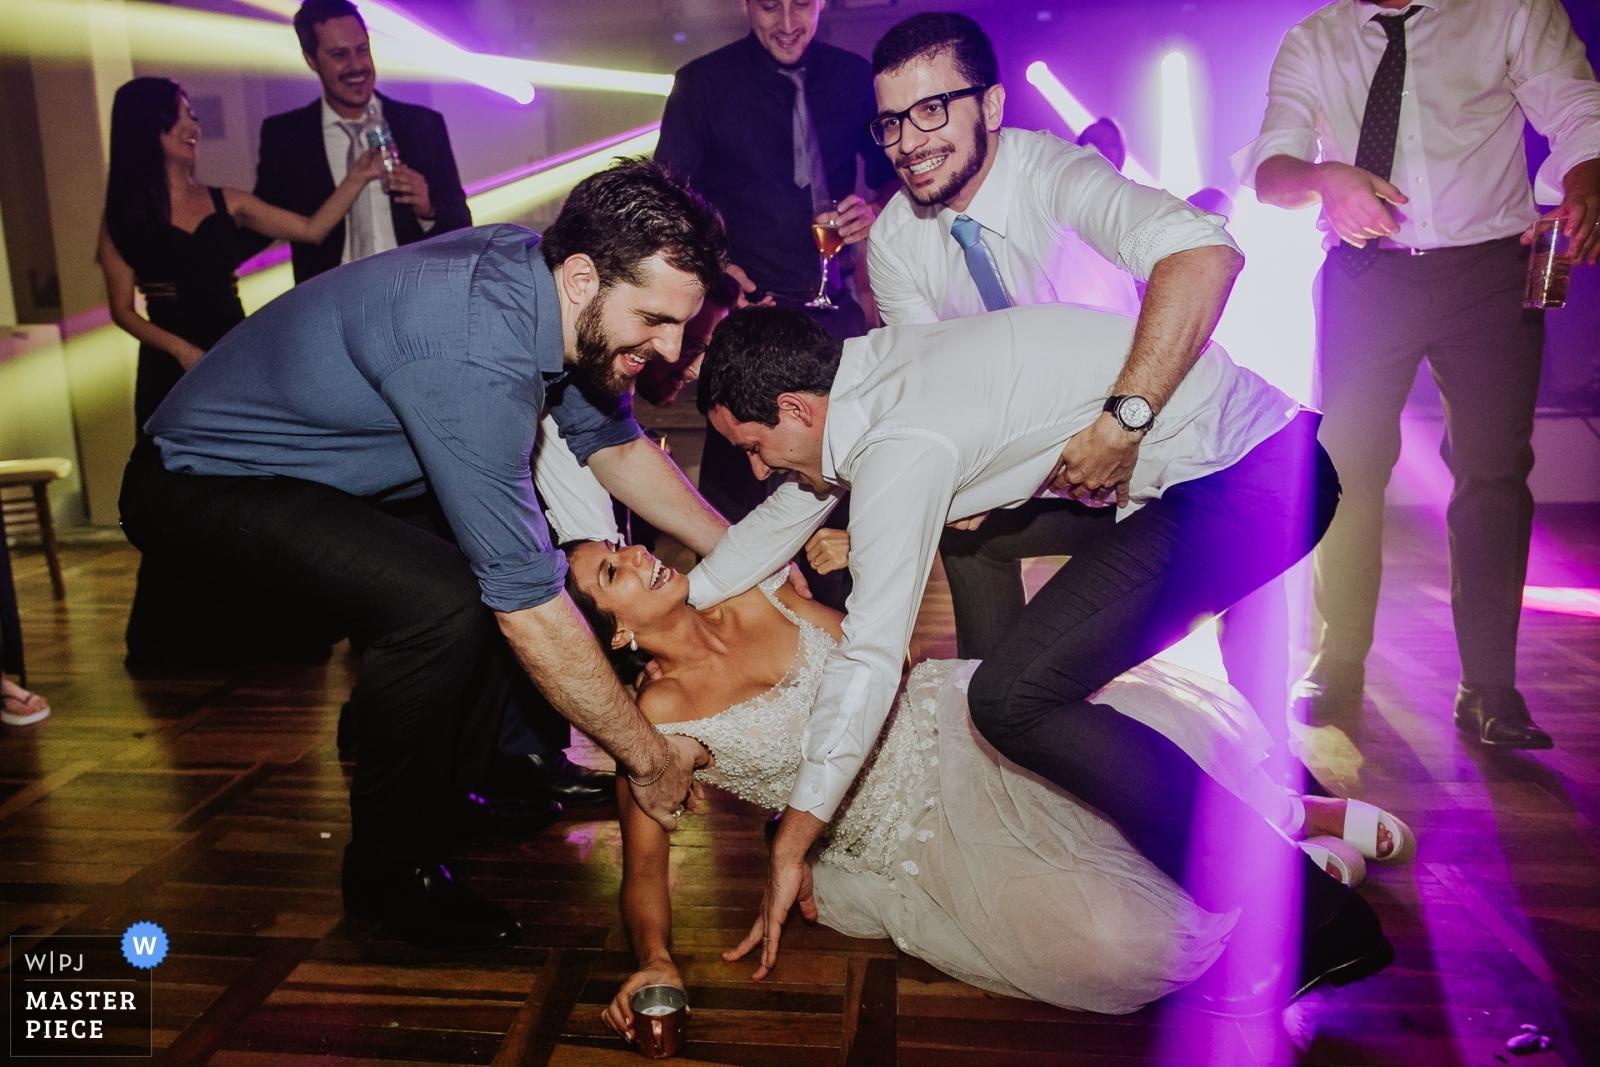 Noiva caida e convidados e noivo ajudando - Porto Alegre, Rio Grande do Sul Wedding Photography -  | Casa da Figueira - Porto Alegre - Rio Grande do Sul - Brasil